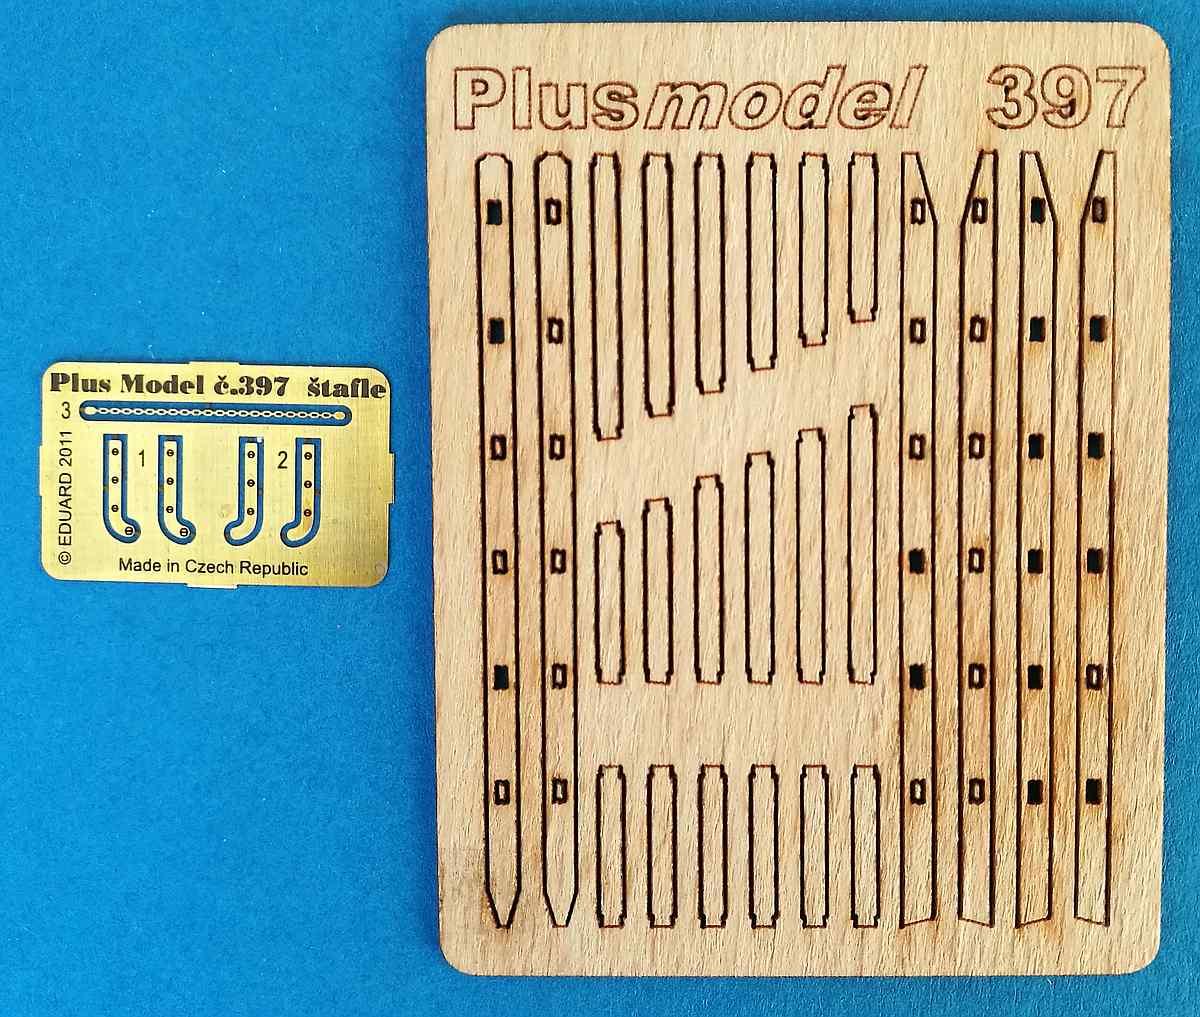 PlusModel-397-Stepladders-2 Stepladders im Maßstab 1:35 von PlusModels 397